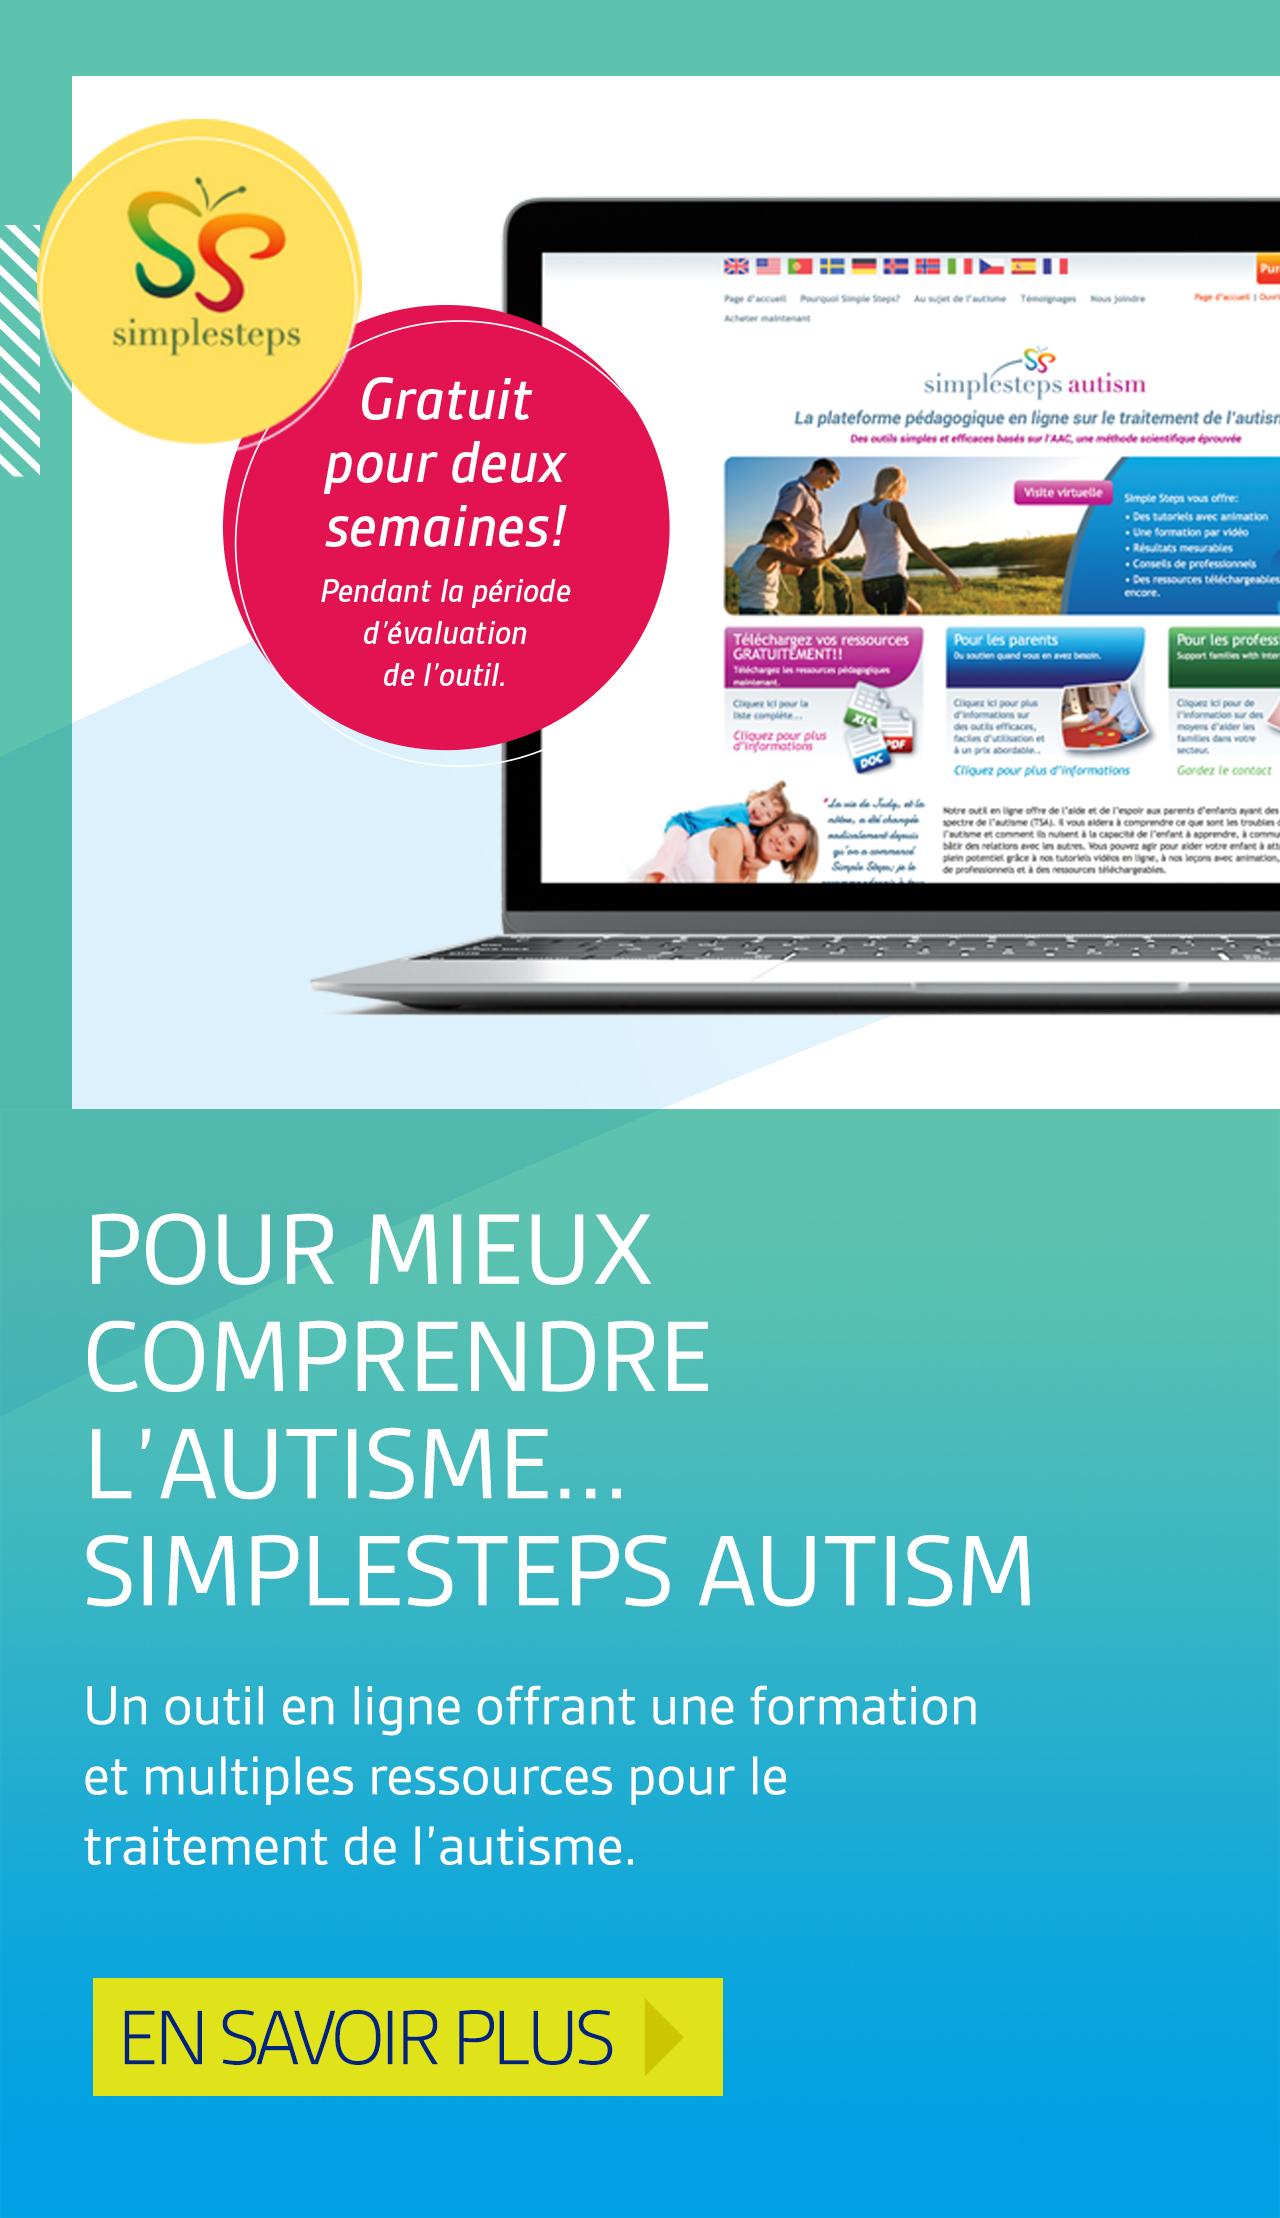 Pour mieux comprendre l'autisme... Simple Steps Autism